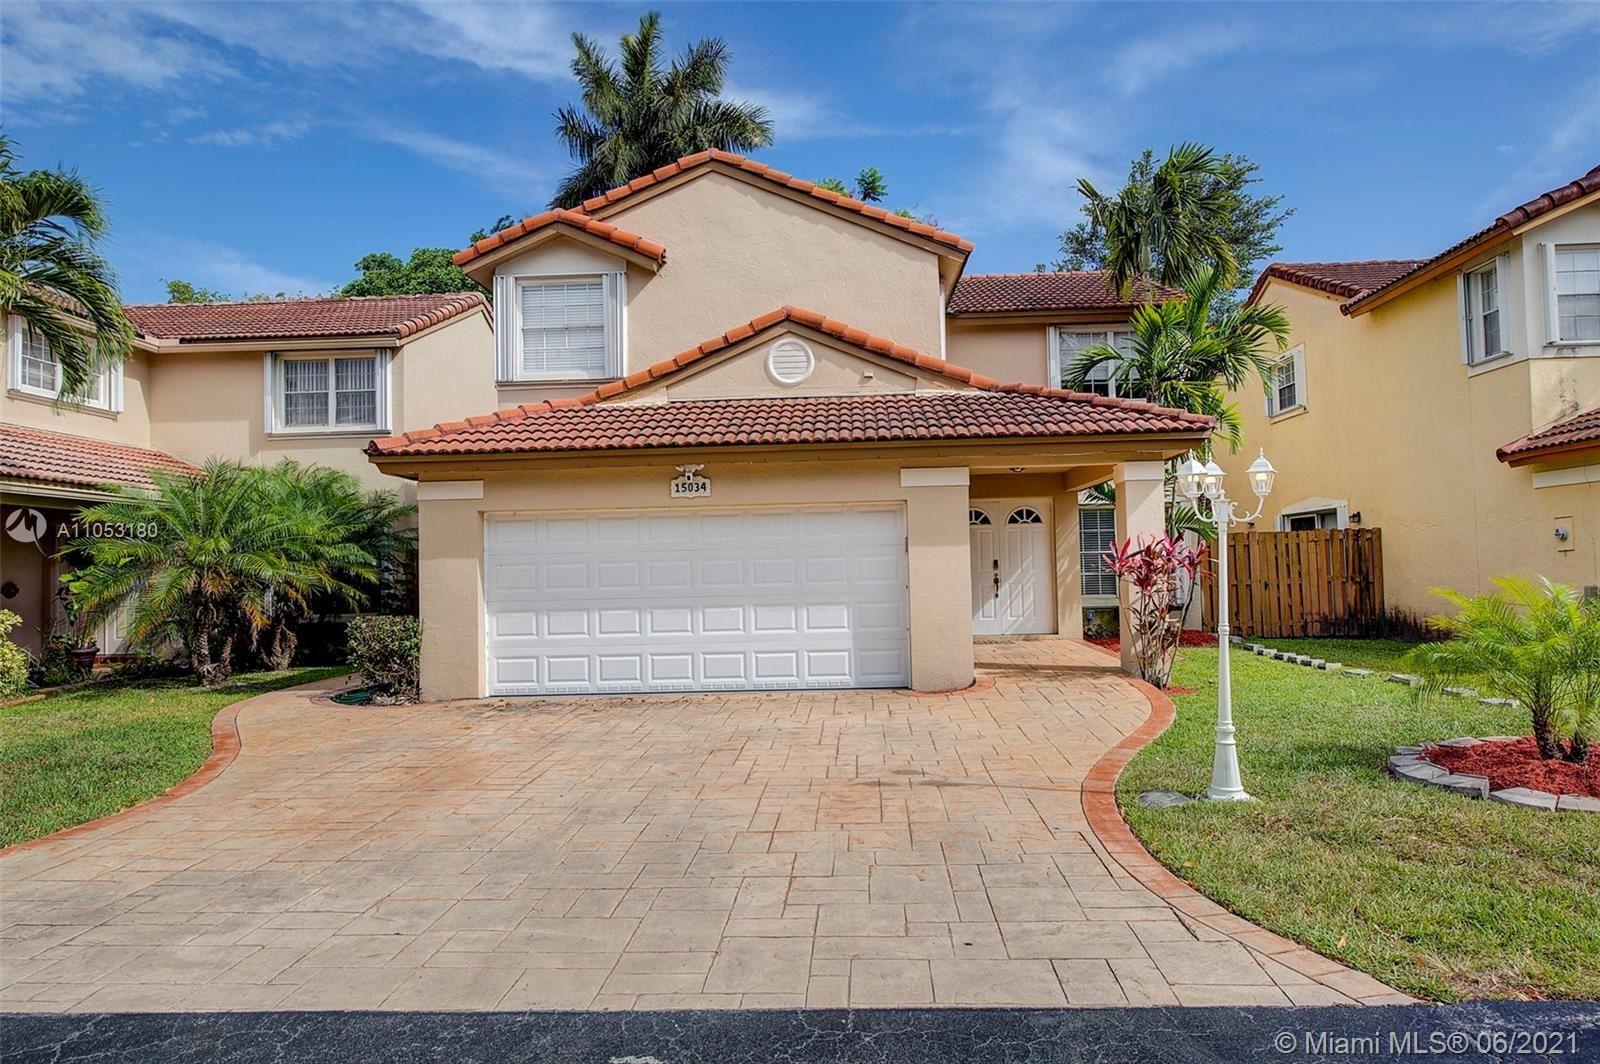 15034 SW 110th Ter, Miami, FL 33196 - #: A11053180